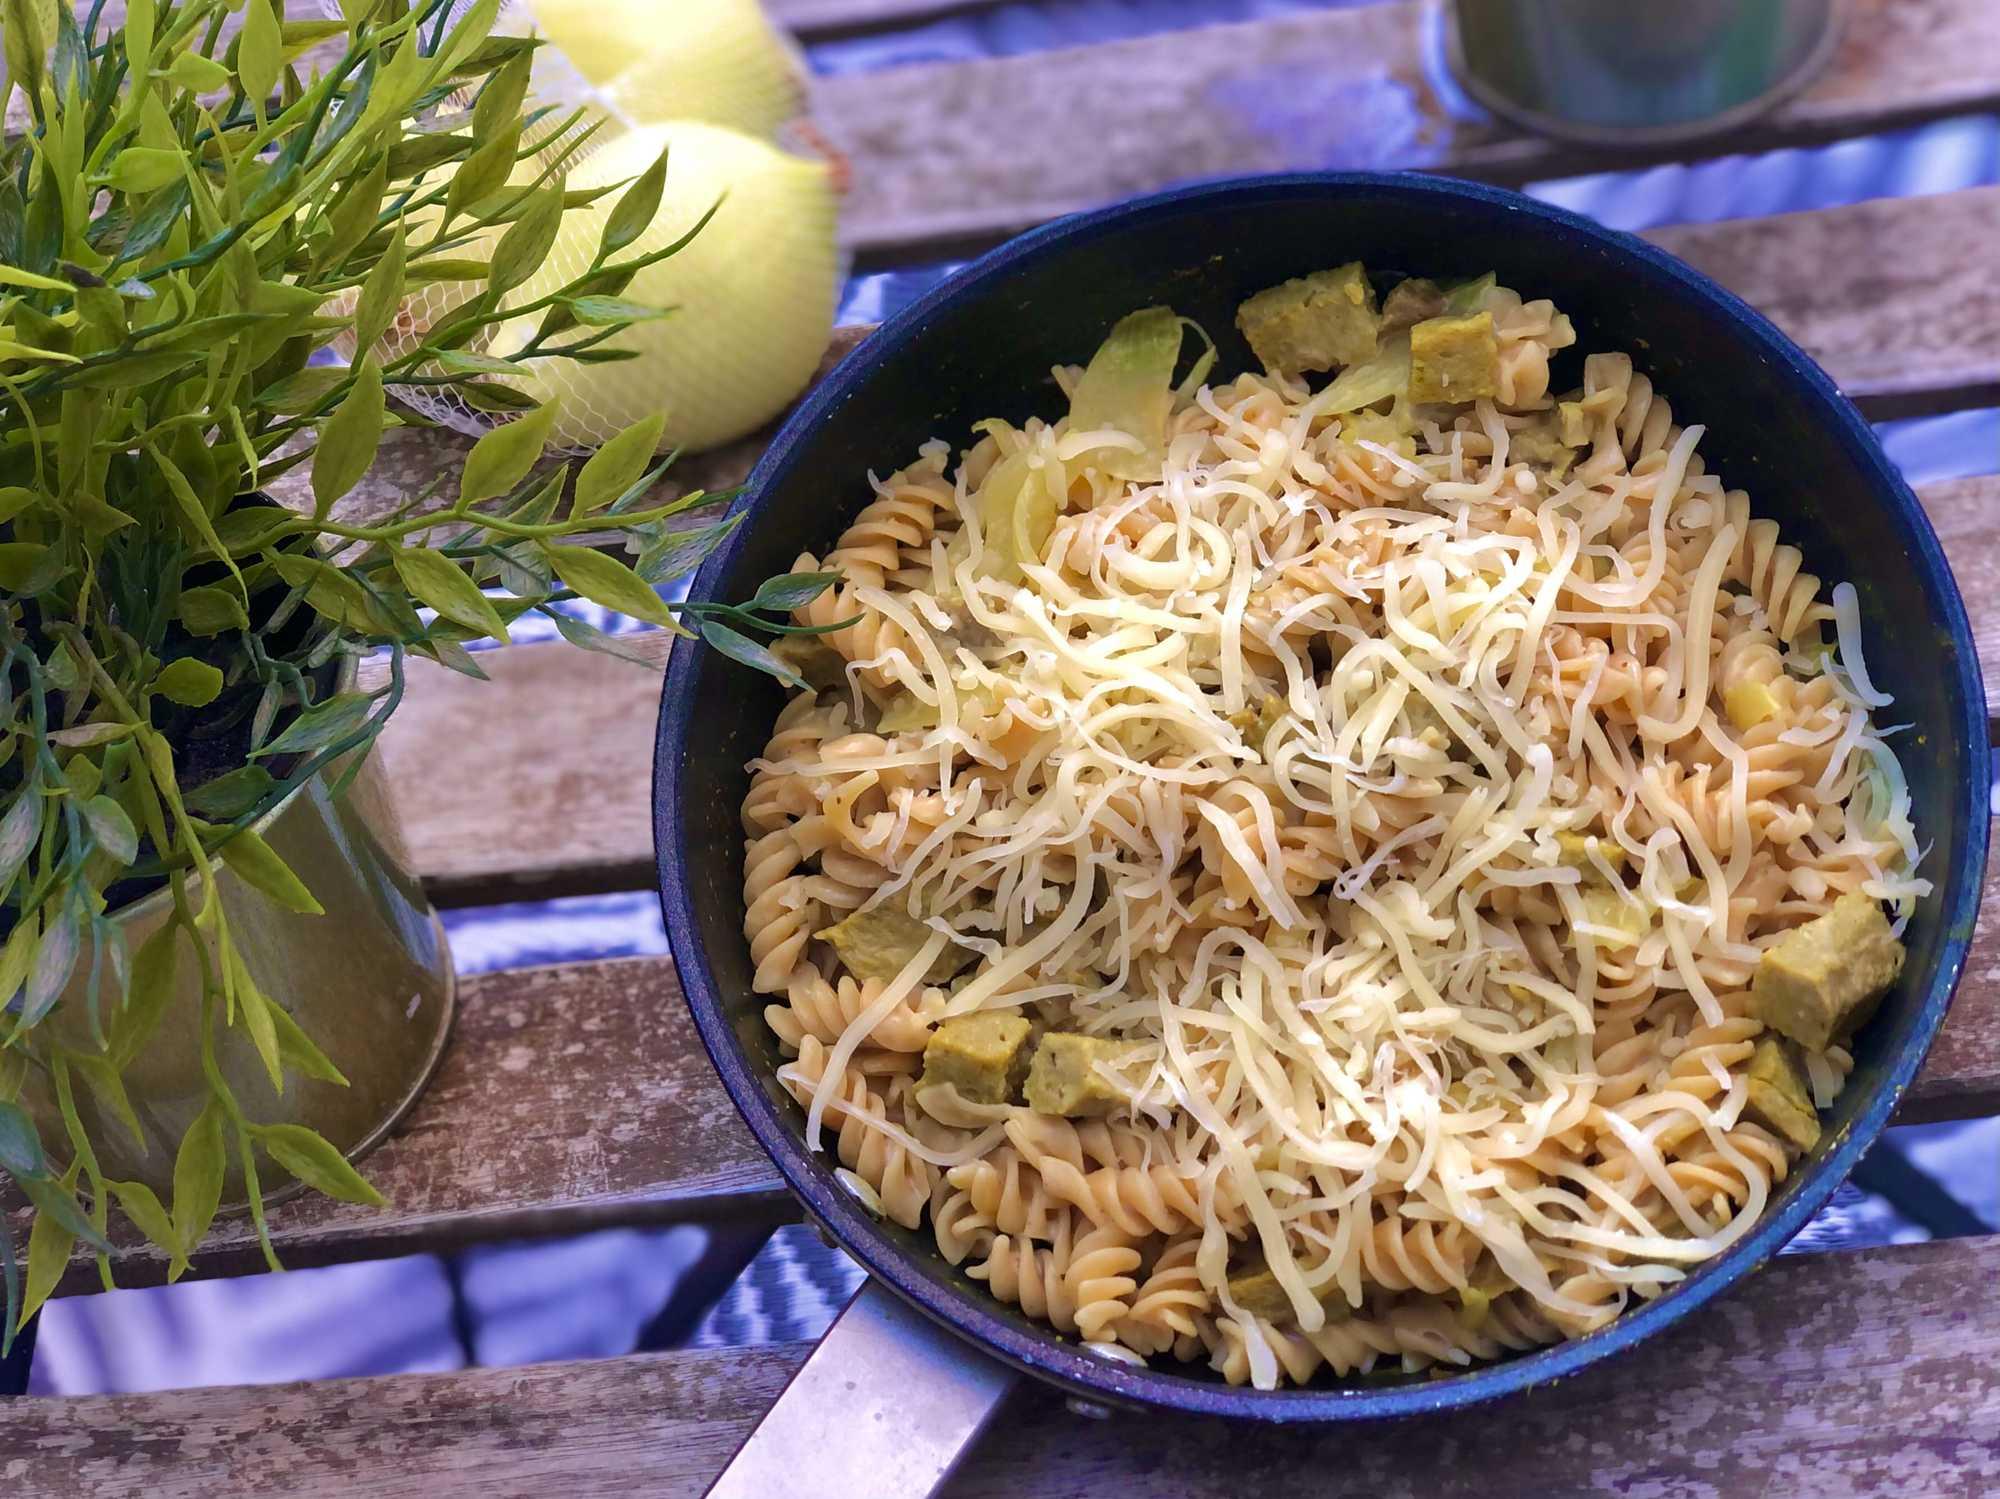 Posé sur une table de jardin, on peut voir une poêle avec les pâtes de lentilles corail qui recouvrent le seitan. Deux citrons sont posés à côté.